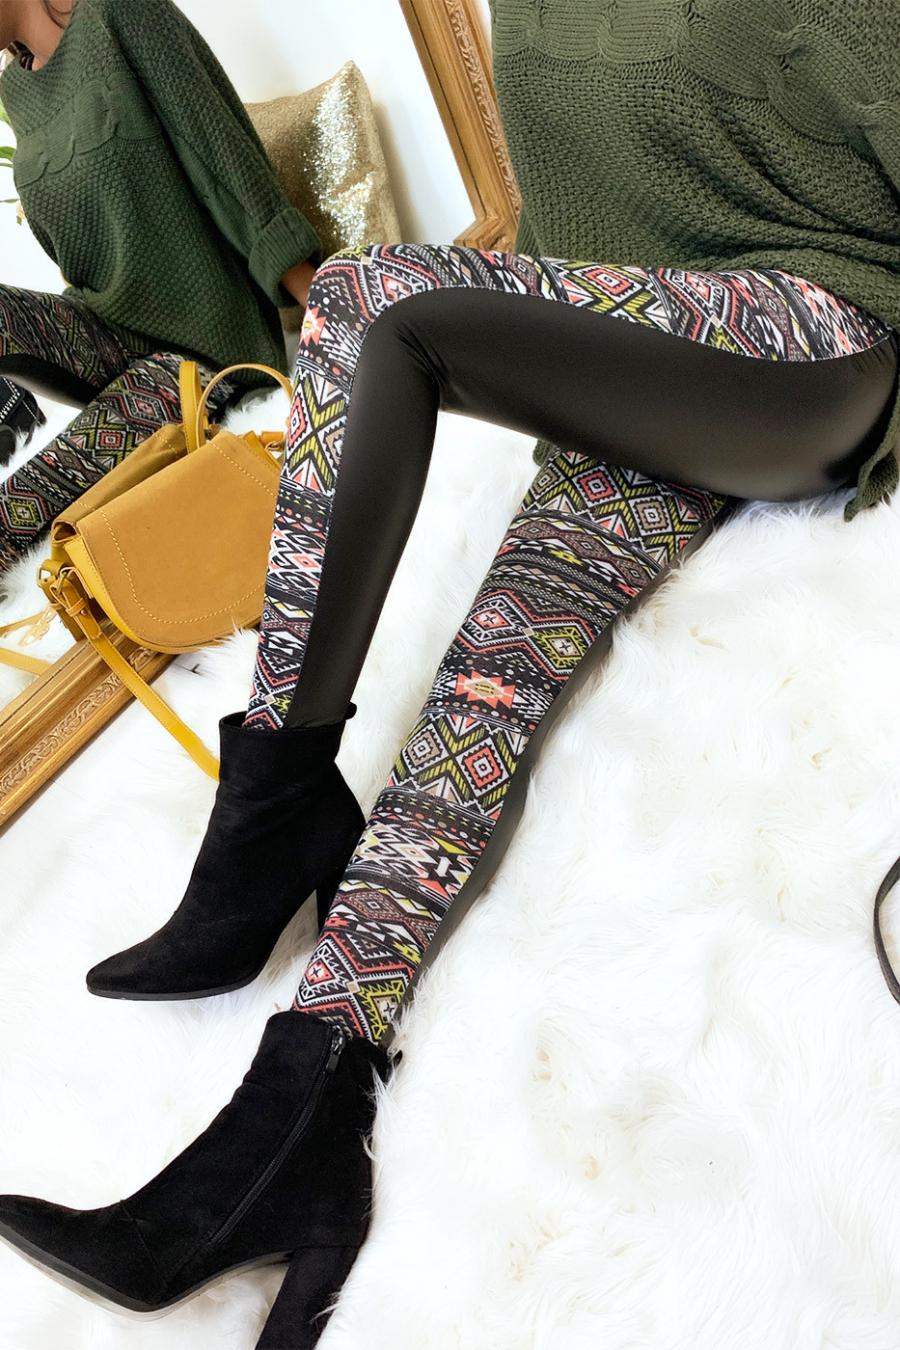 Leggings d'hiver coloré en Jaune et noir, motifs fantaisie et sky derrière. Style fashion. 148-3